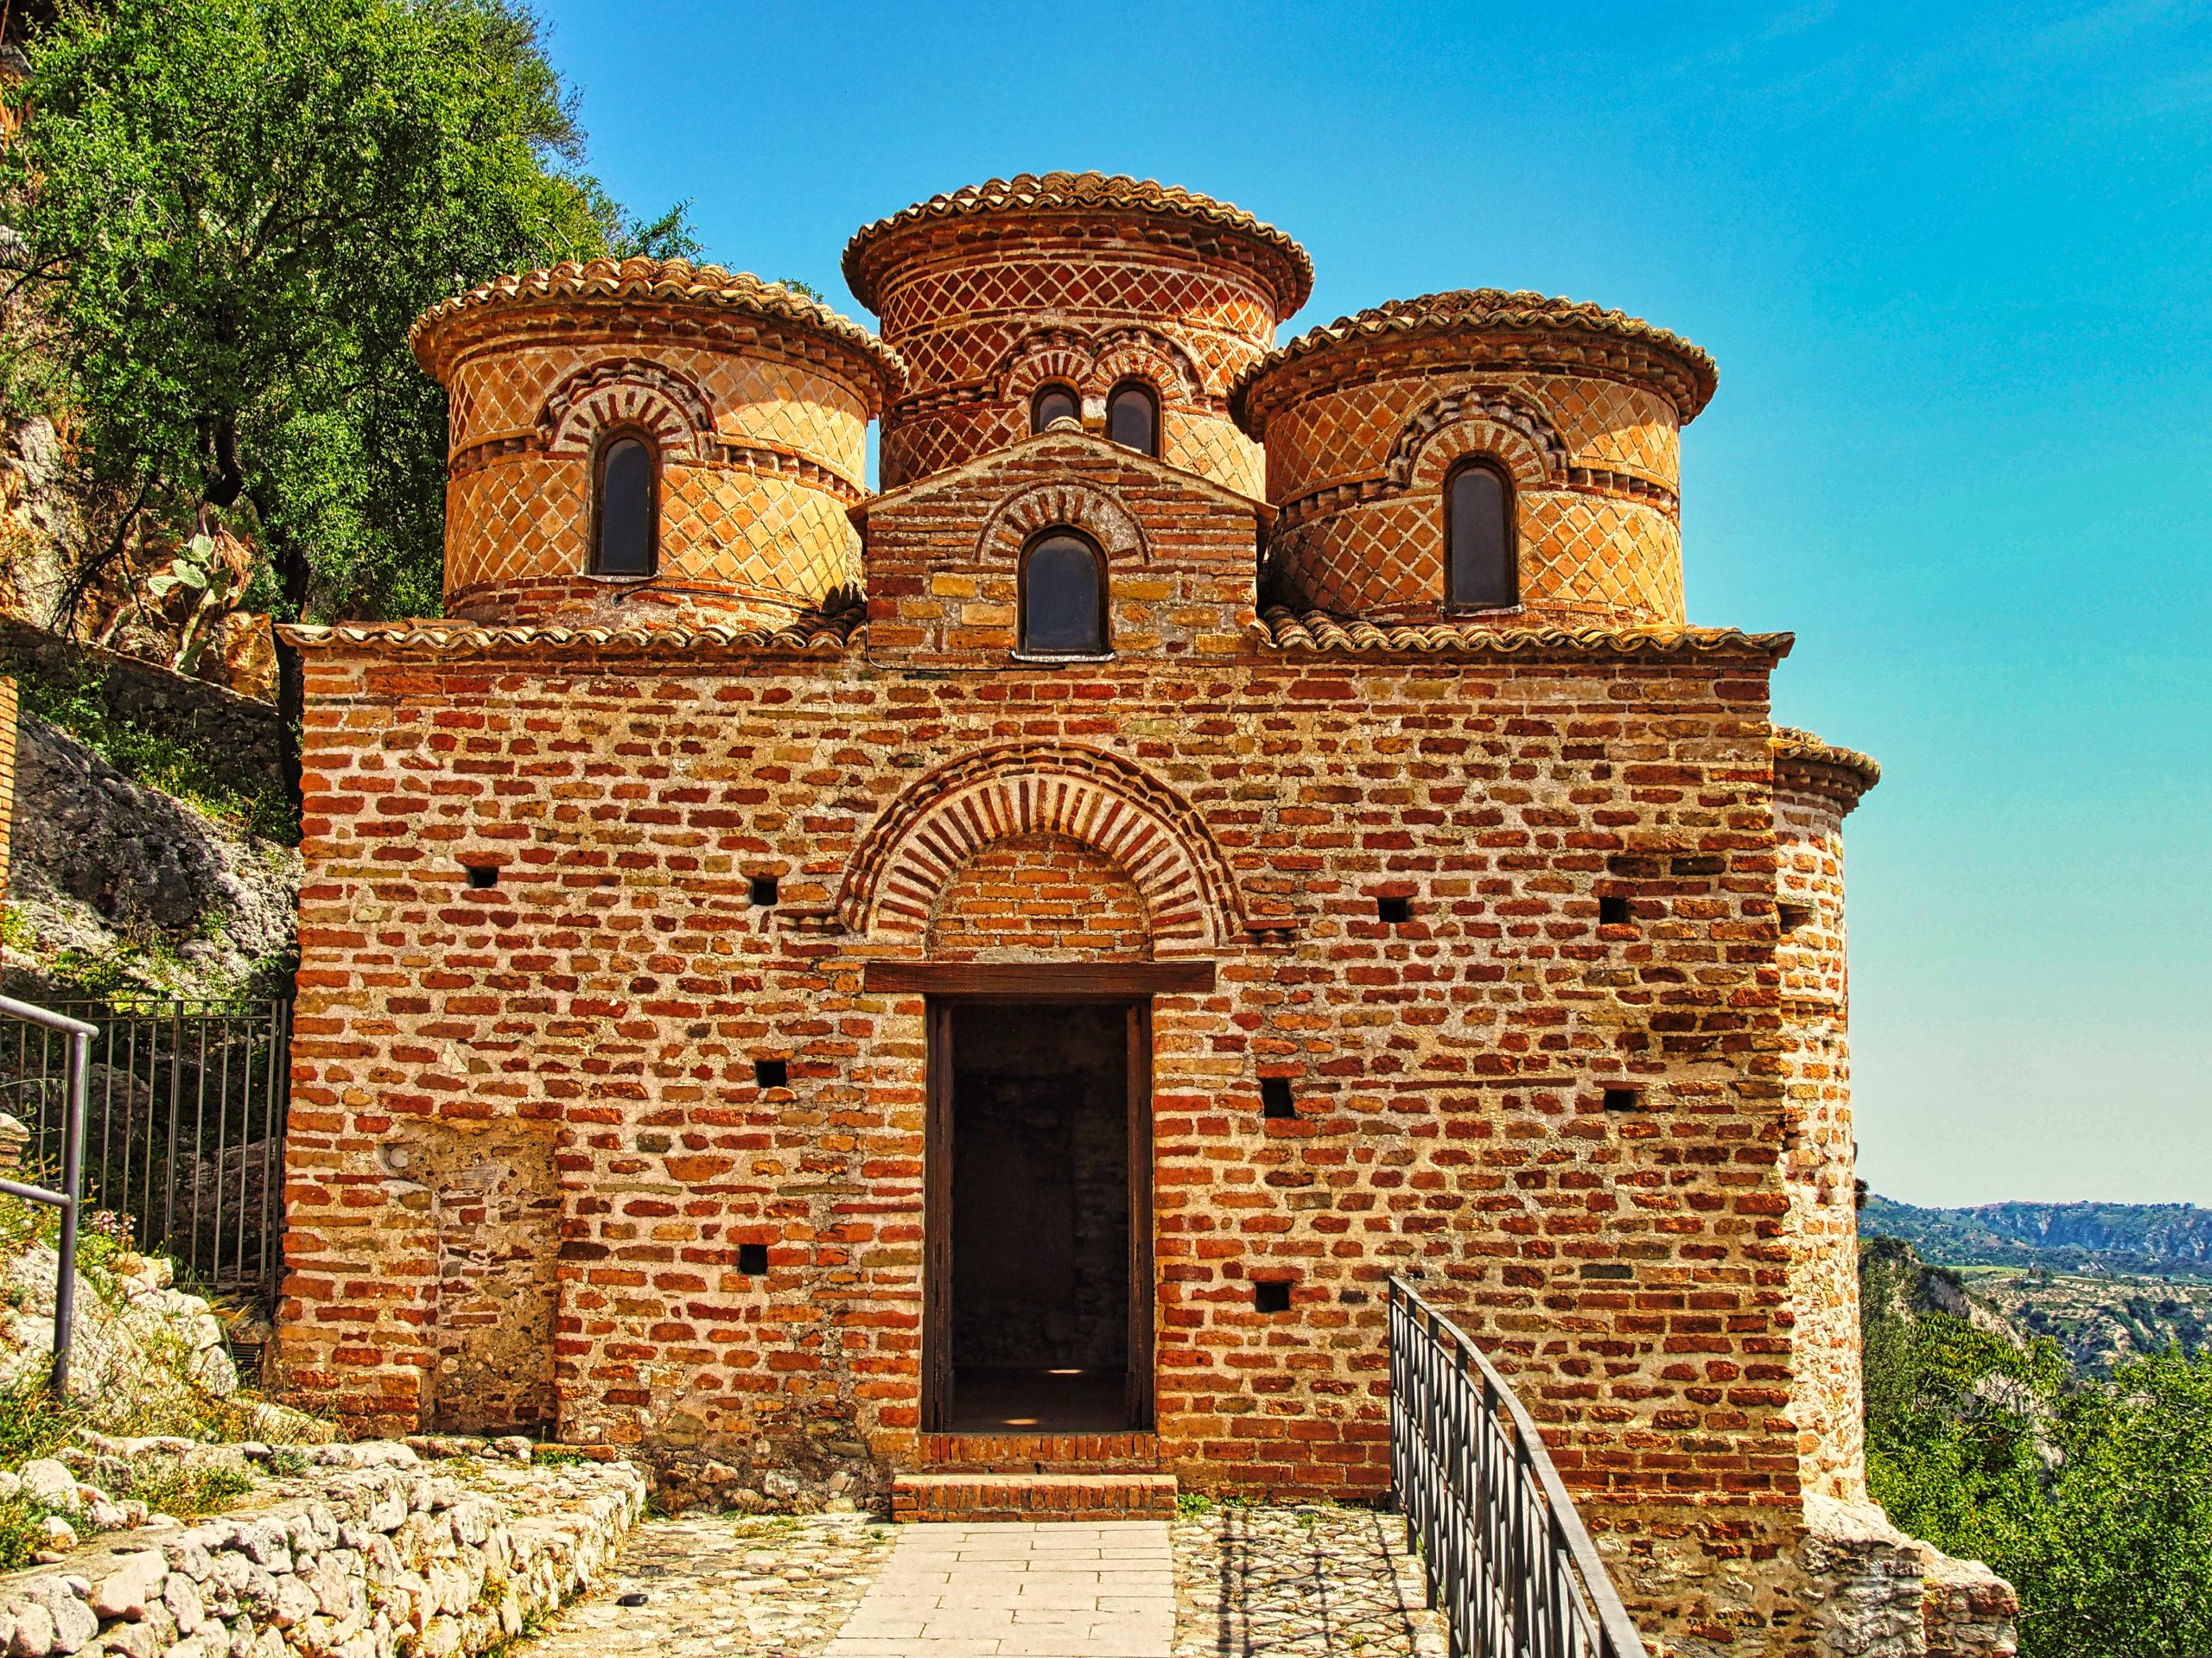 Cattolica di Stilo, byzantinische Kirche aus dem 10.Jahrh.